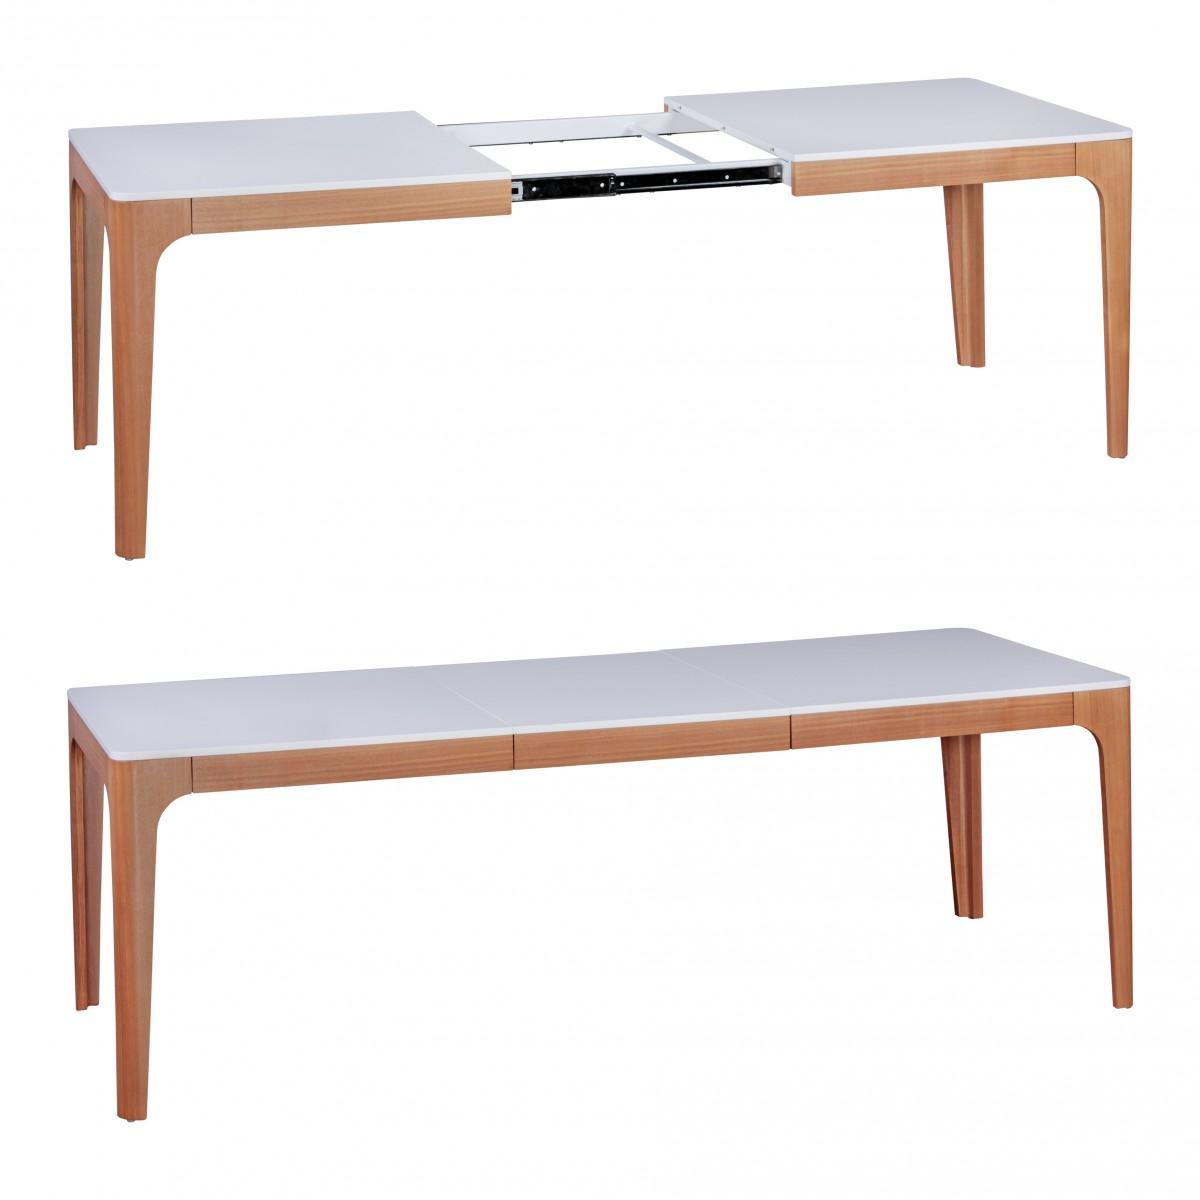 Esstisch ausziehbar weiß holz  WOHNLING Esszimmertisch NORA 160-220 x 76 x 90 cm MDF Holz ...